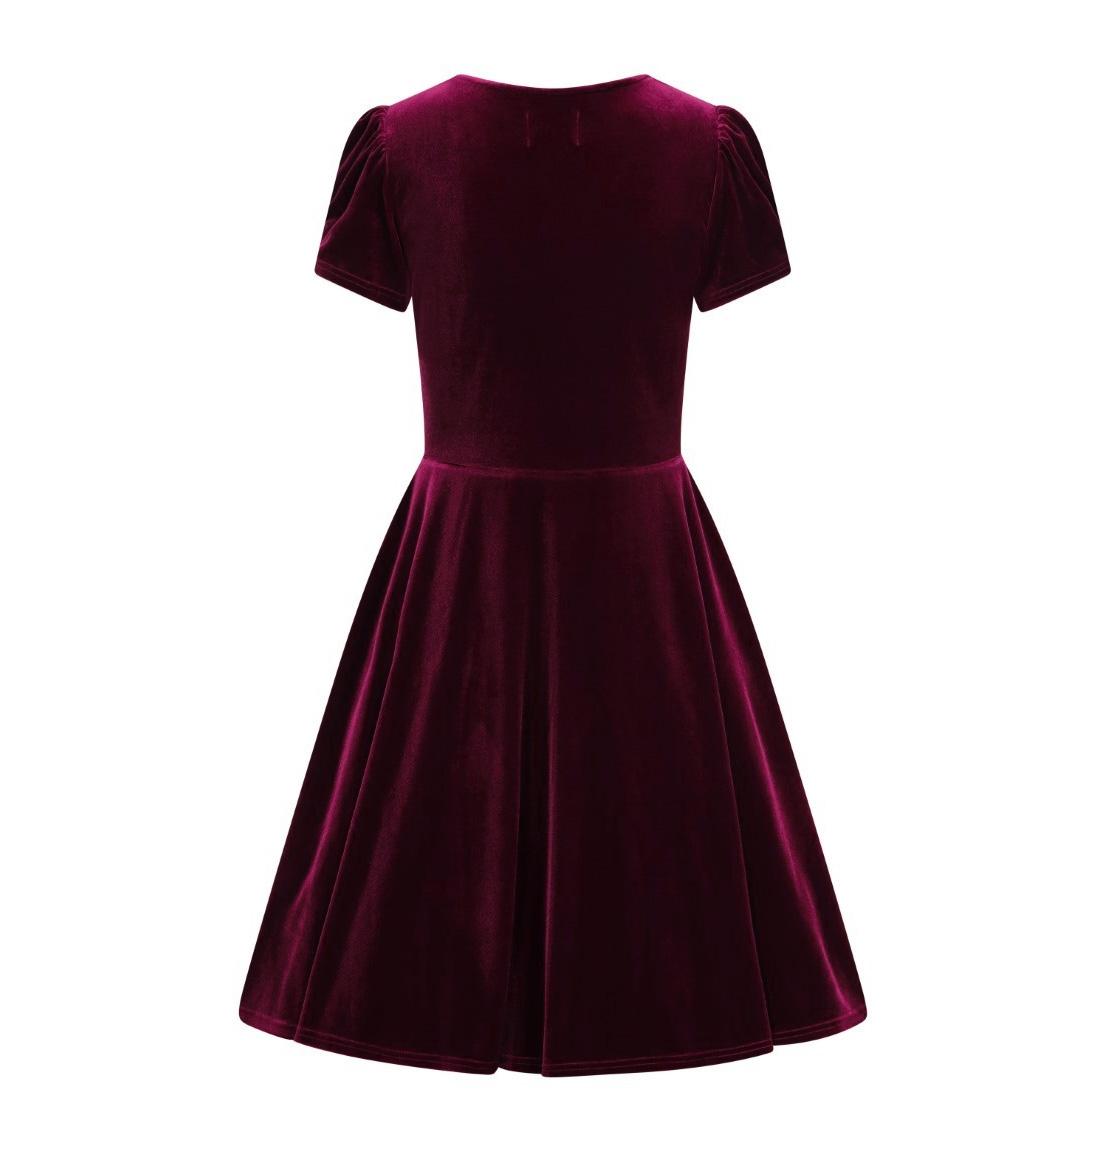 Hell-Bunny-40s-50s-Elegant-Pin-Up-Dress-JOANNE-Crushed-Velvet-Burgundy-All-Sizes thumbnail 25